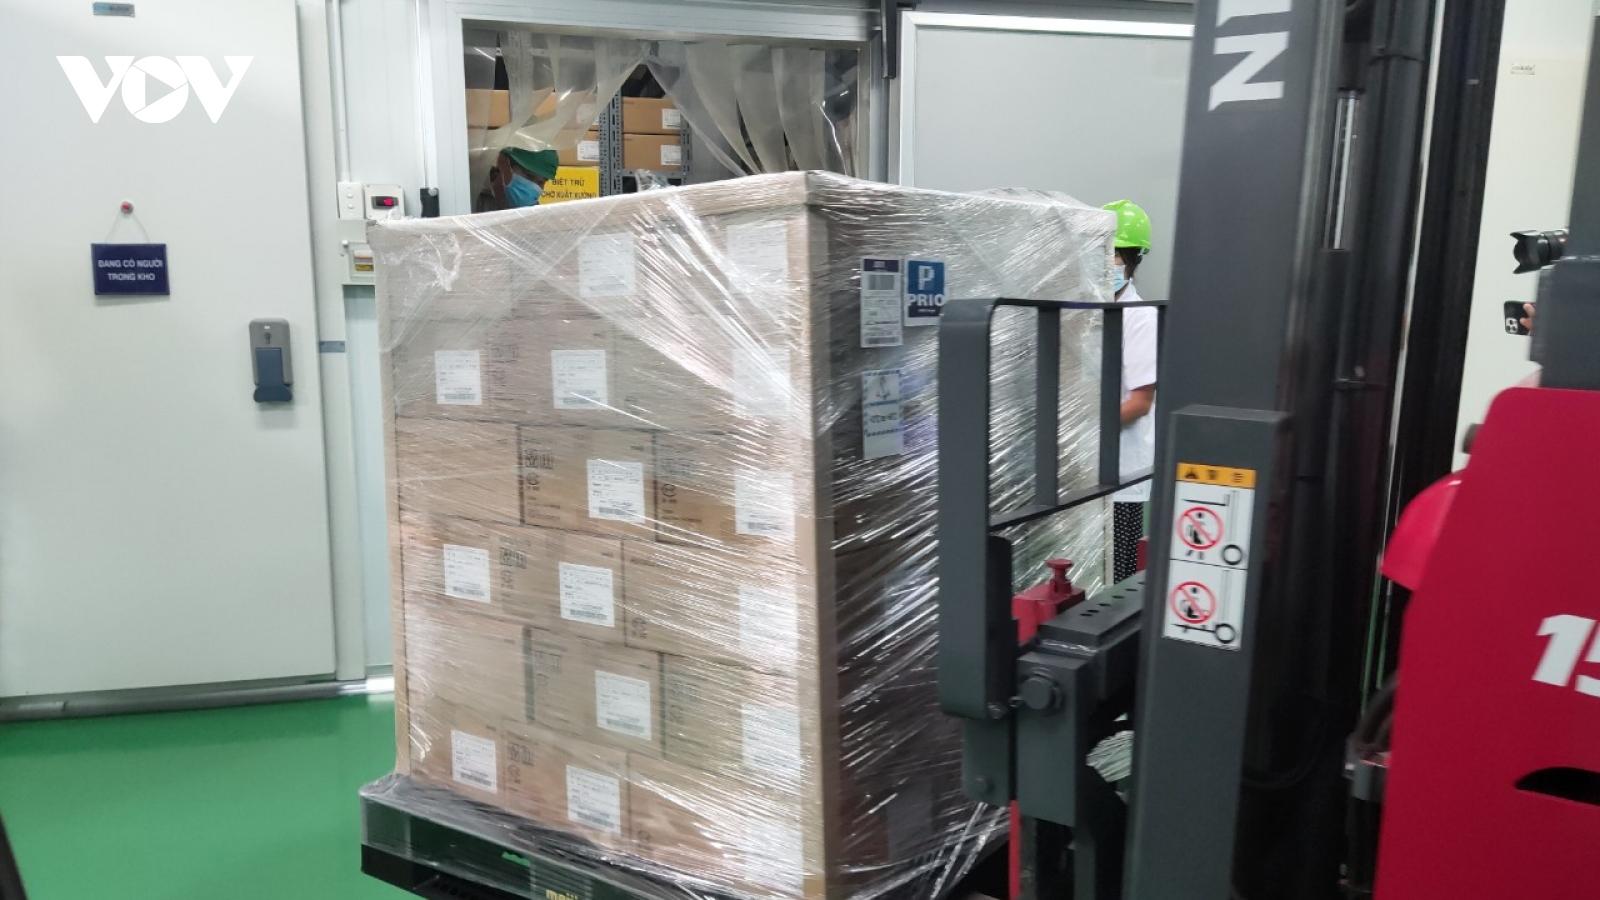 Cận cảnh kho lạnh chứa hơn 800.000 liều vaccine Covid-19 ở TP.HCM